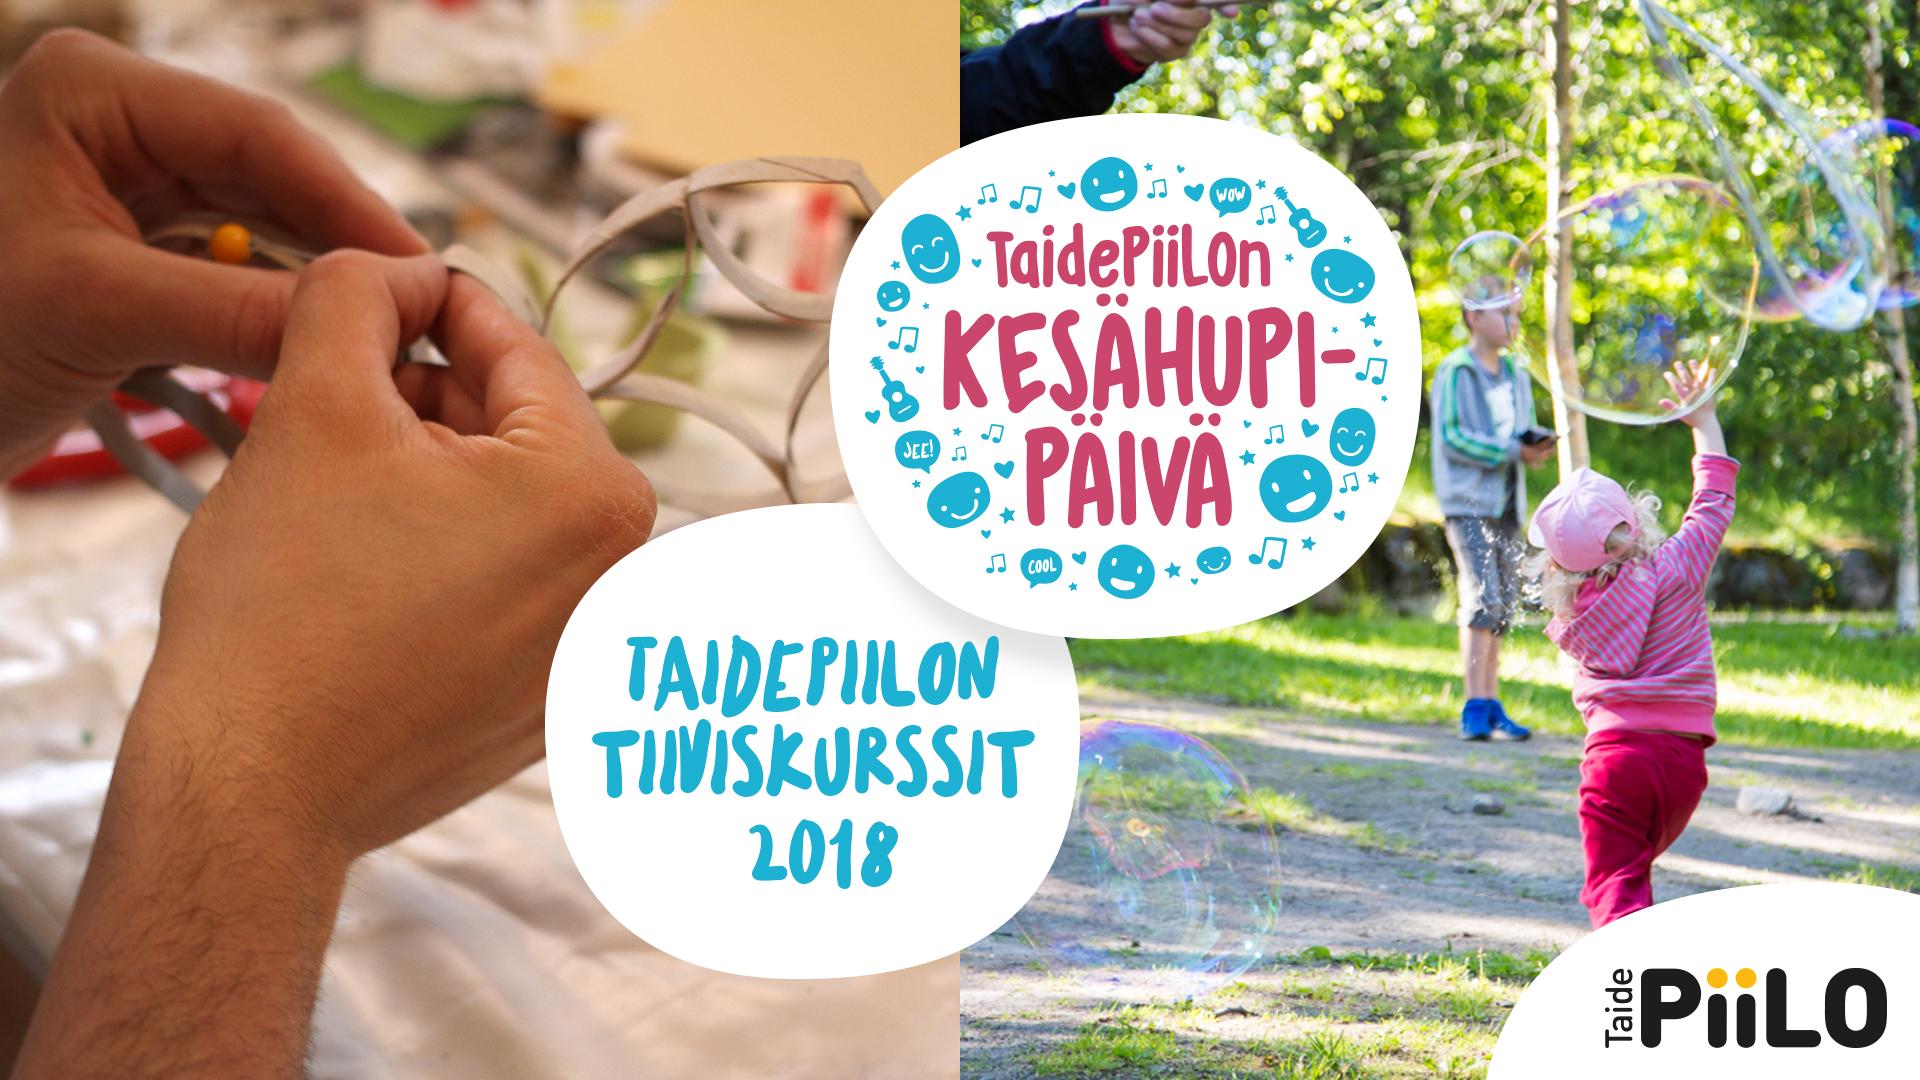 taidepiilon-tiiviskurssit-2018-fb-event-coverphoto2